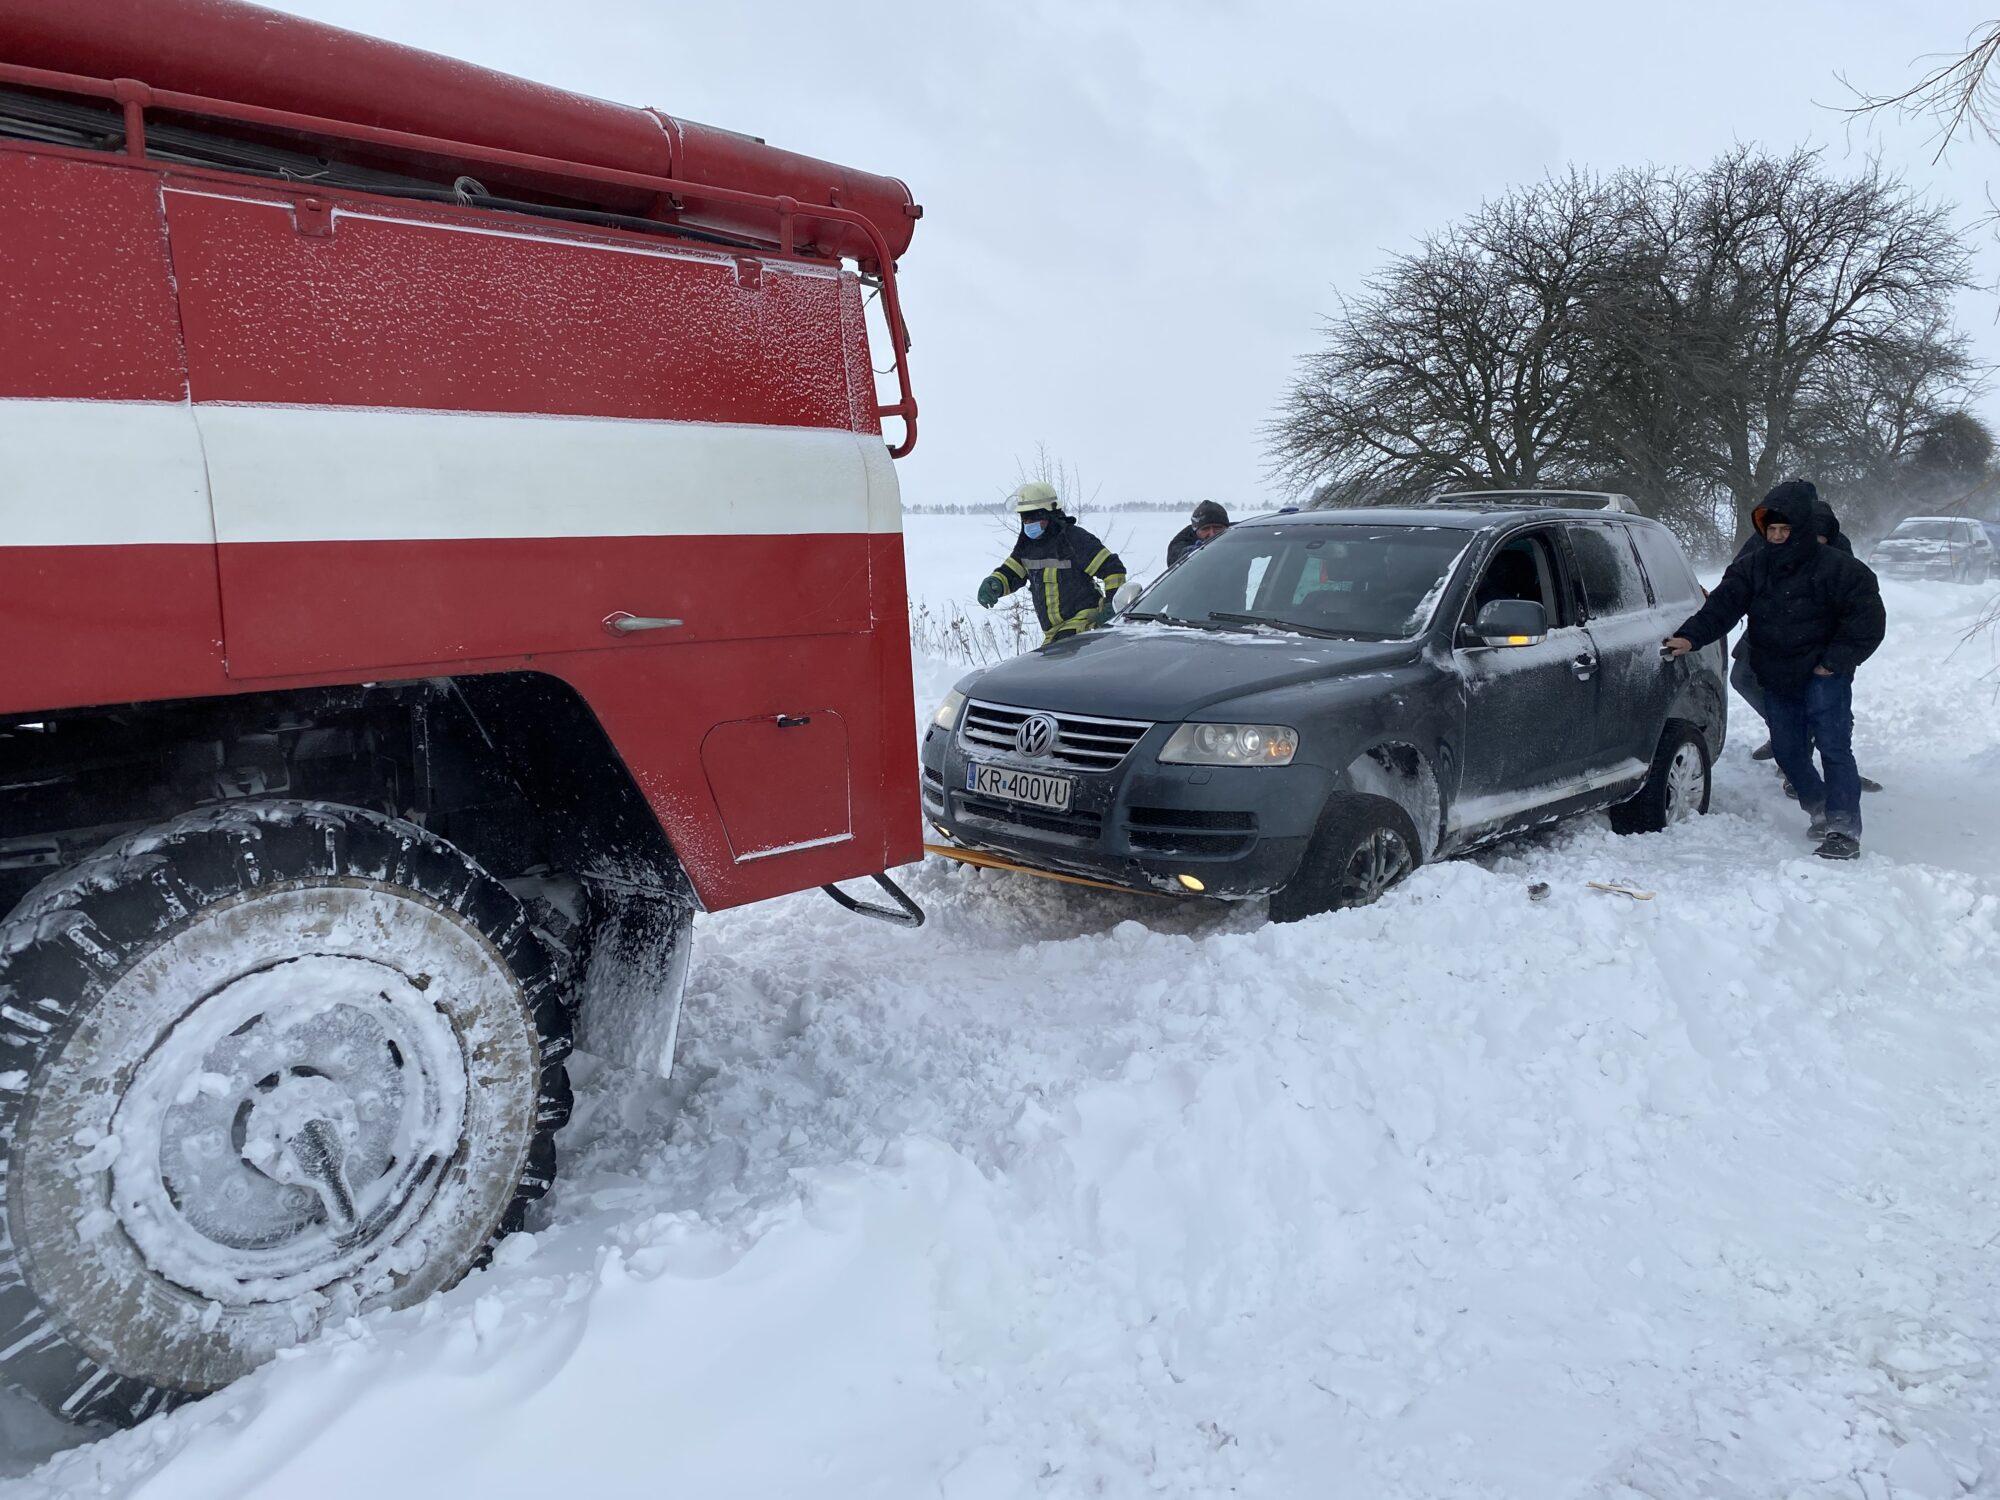 Зі снігового полону на Київщині звільнили 5 авто - сніг, погодні умови, затори на дорогах, Володарський район - 8ADF4C6A A1A0 491A BFA2 8CA53C0234A2 2000x1500